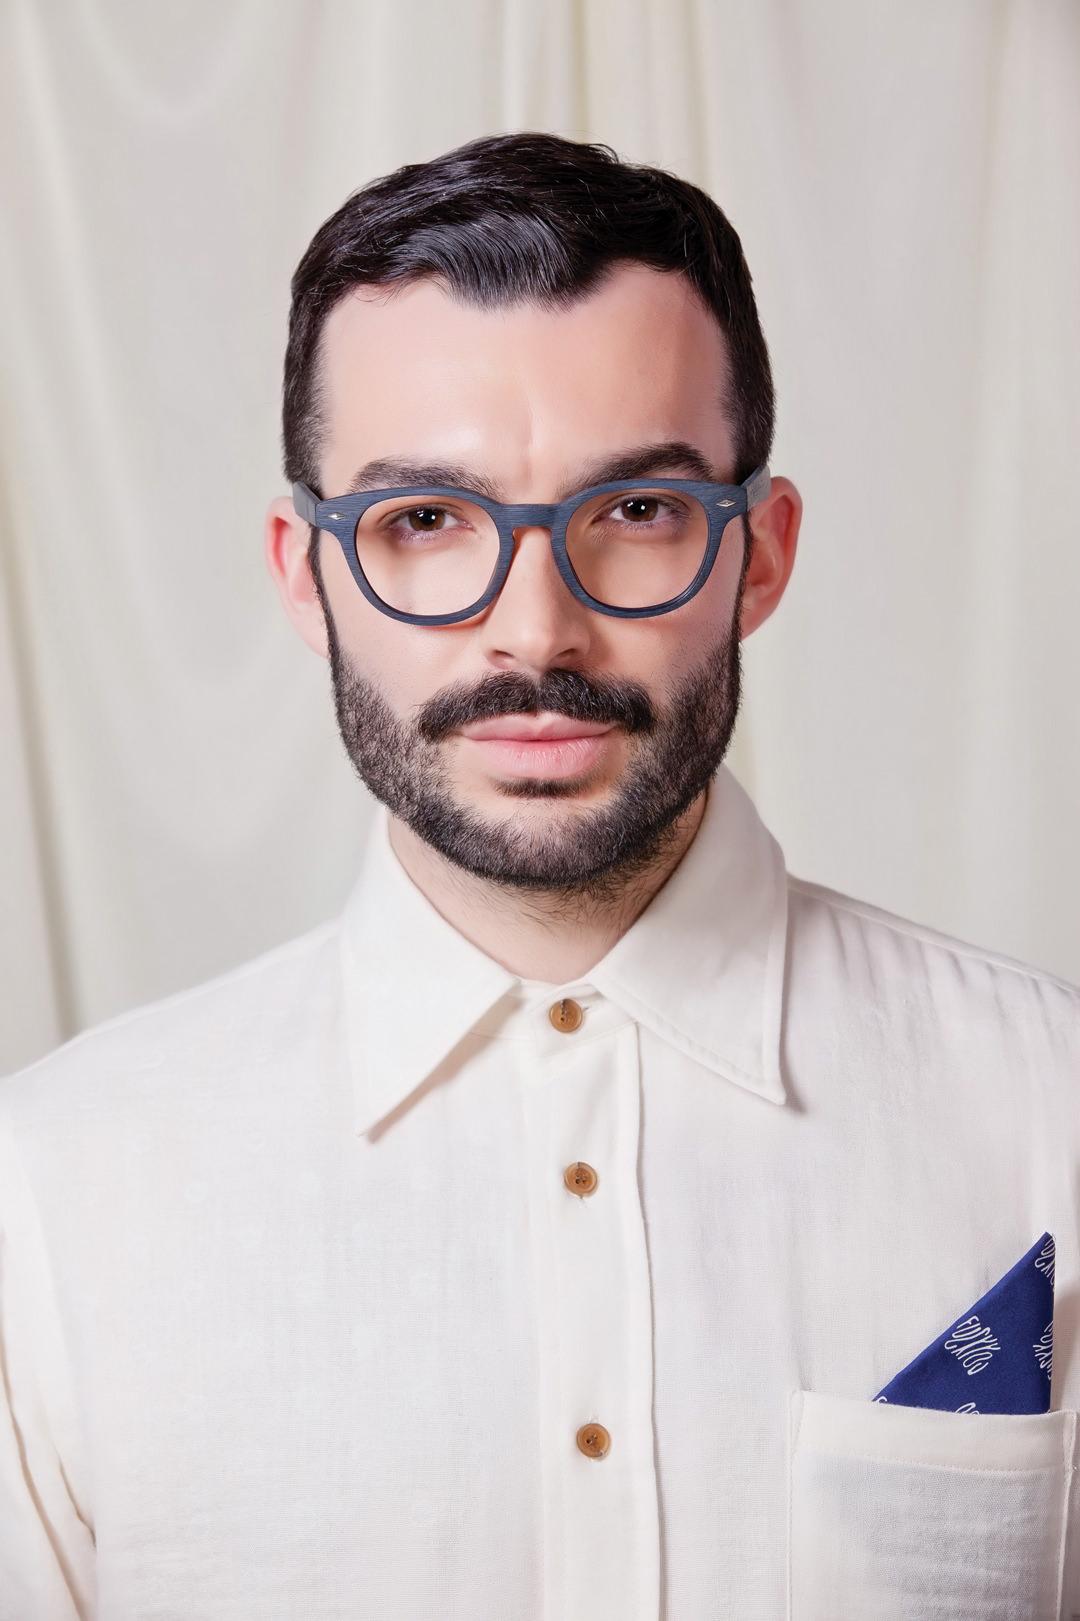 Man wearing Brooklyn Spectacles Monti eyeglasses in Navy.